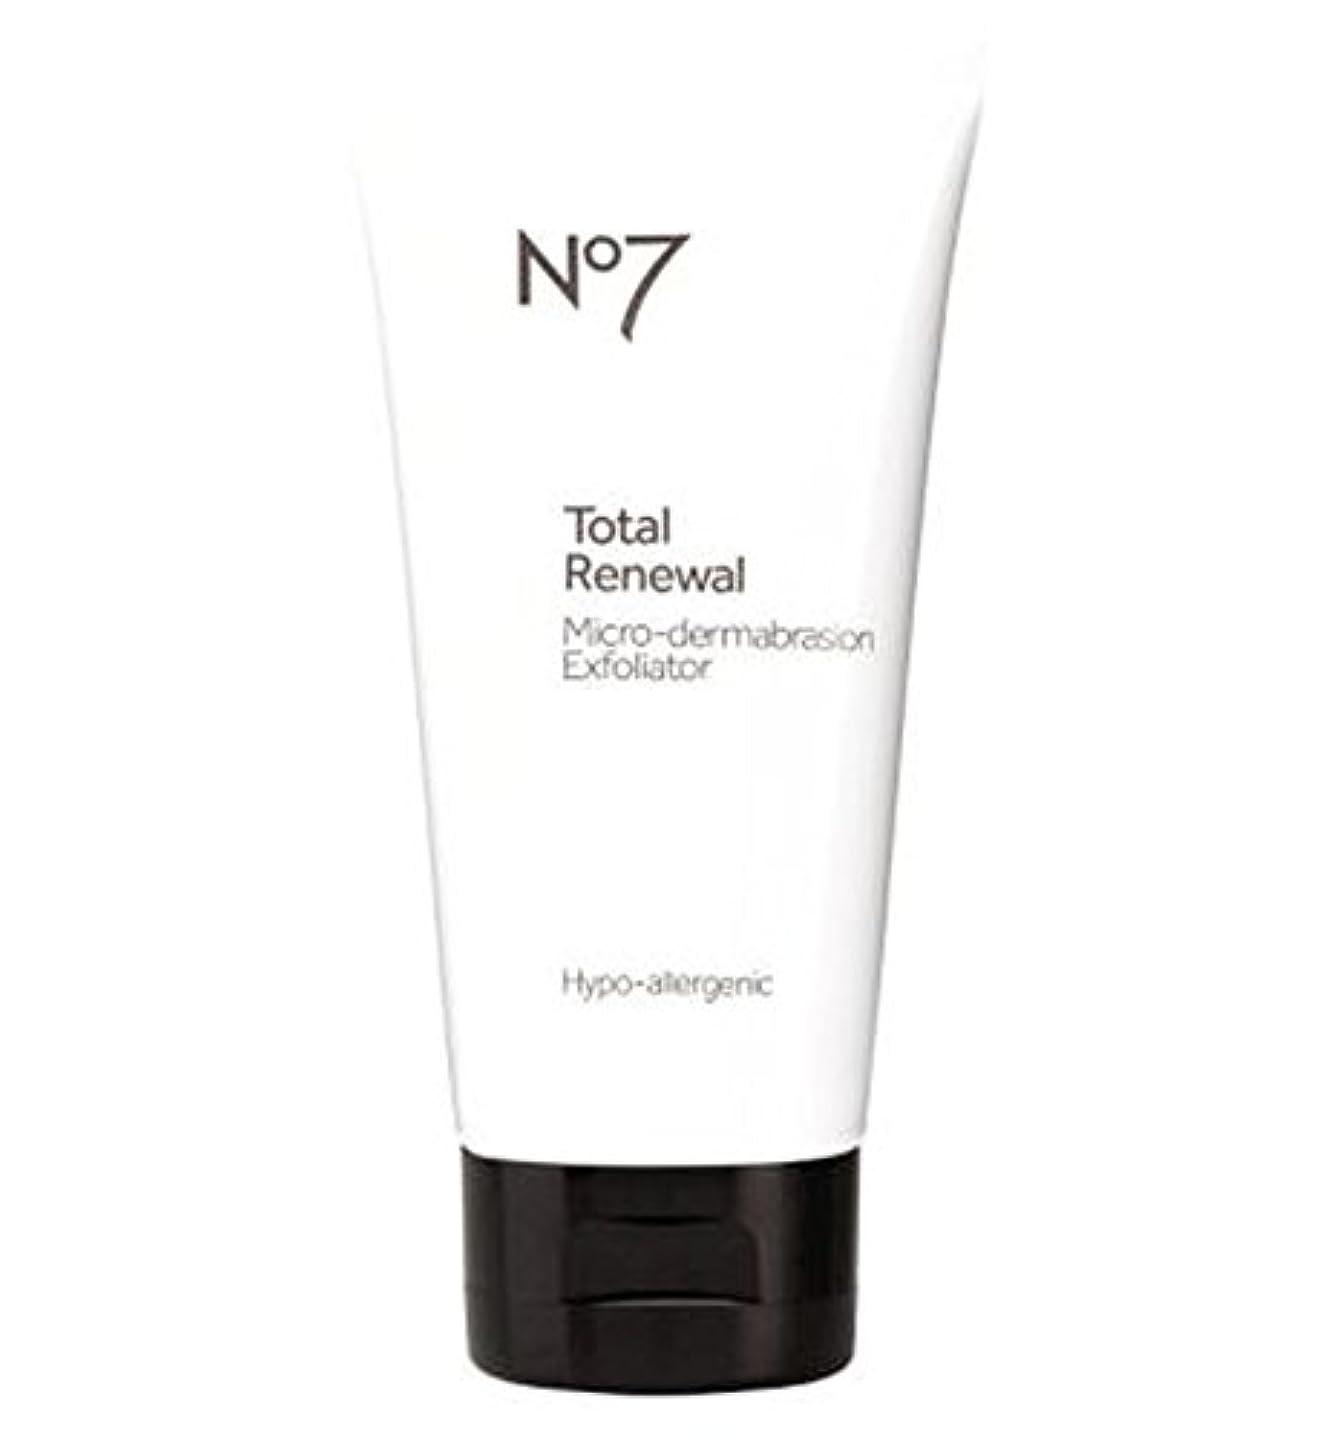 害横クリームNo7総リニューアルマイクロ皮膚剥離面エクスフォリエーター (No7) (x2) - No7 Total Renewal Micro-dermabrasion Face Exfoliator (Pack of 2) [並行輸入品]